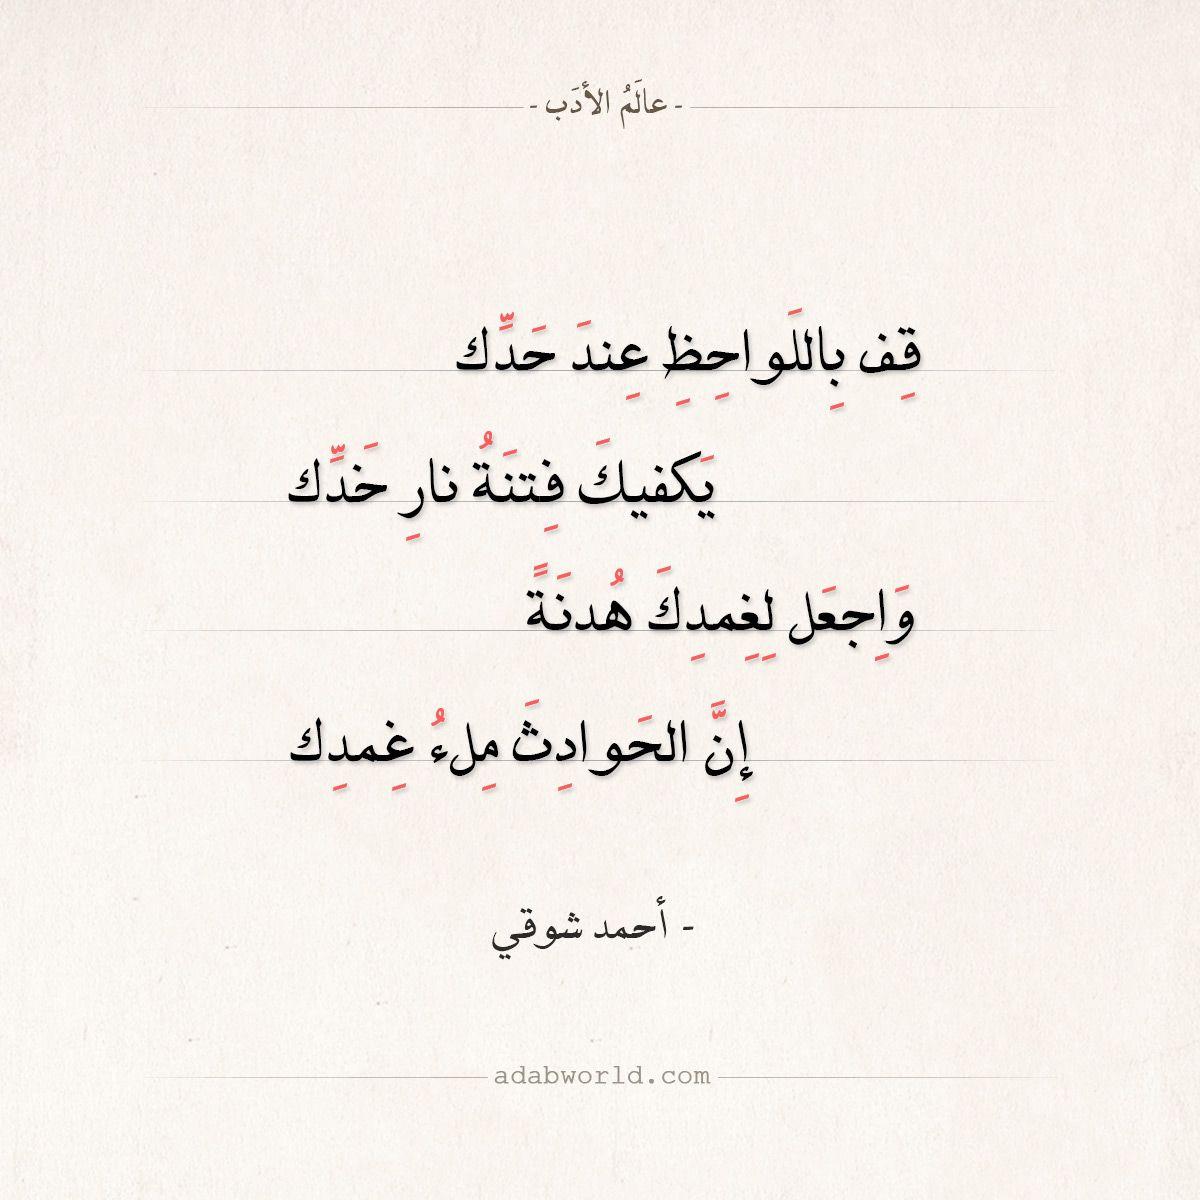 شعر أحمد شوقي قف باللواحظ عند حدك عالم الأدب Words Math Writing